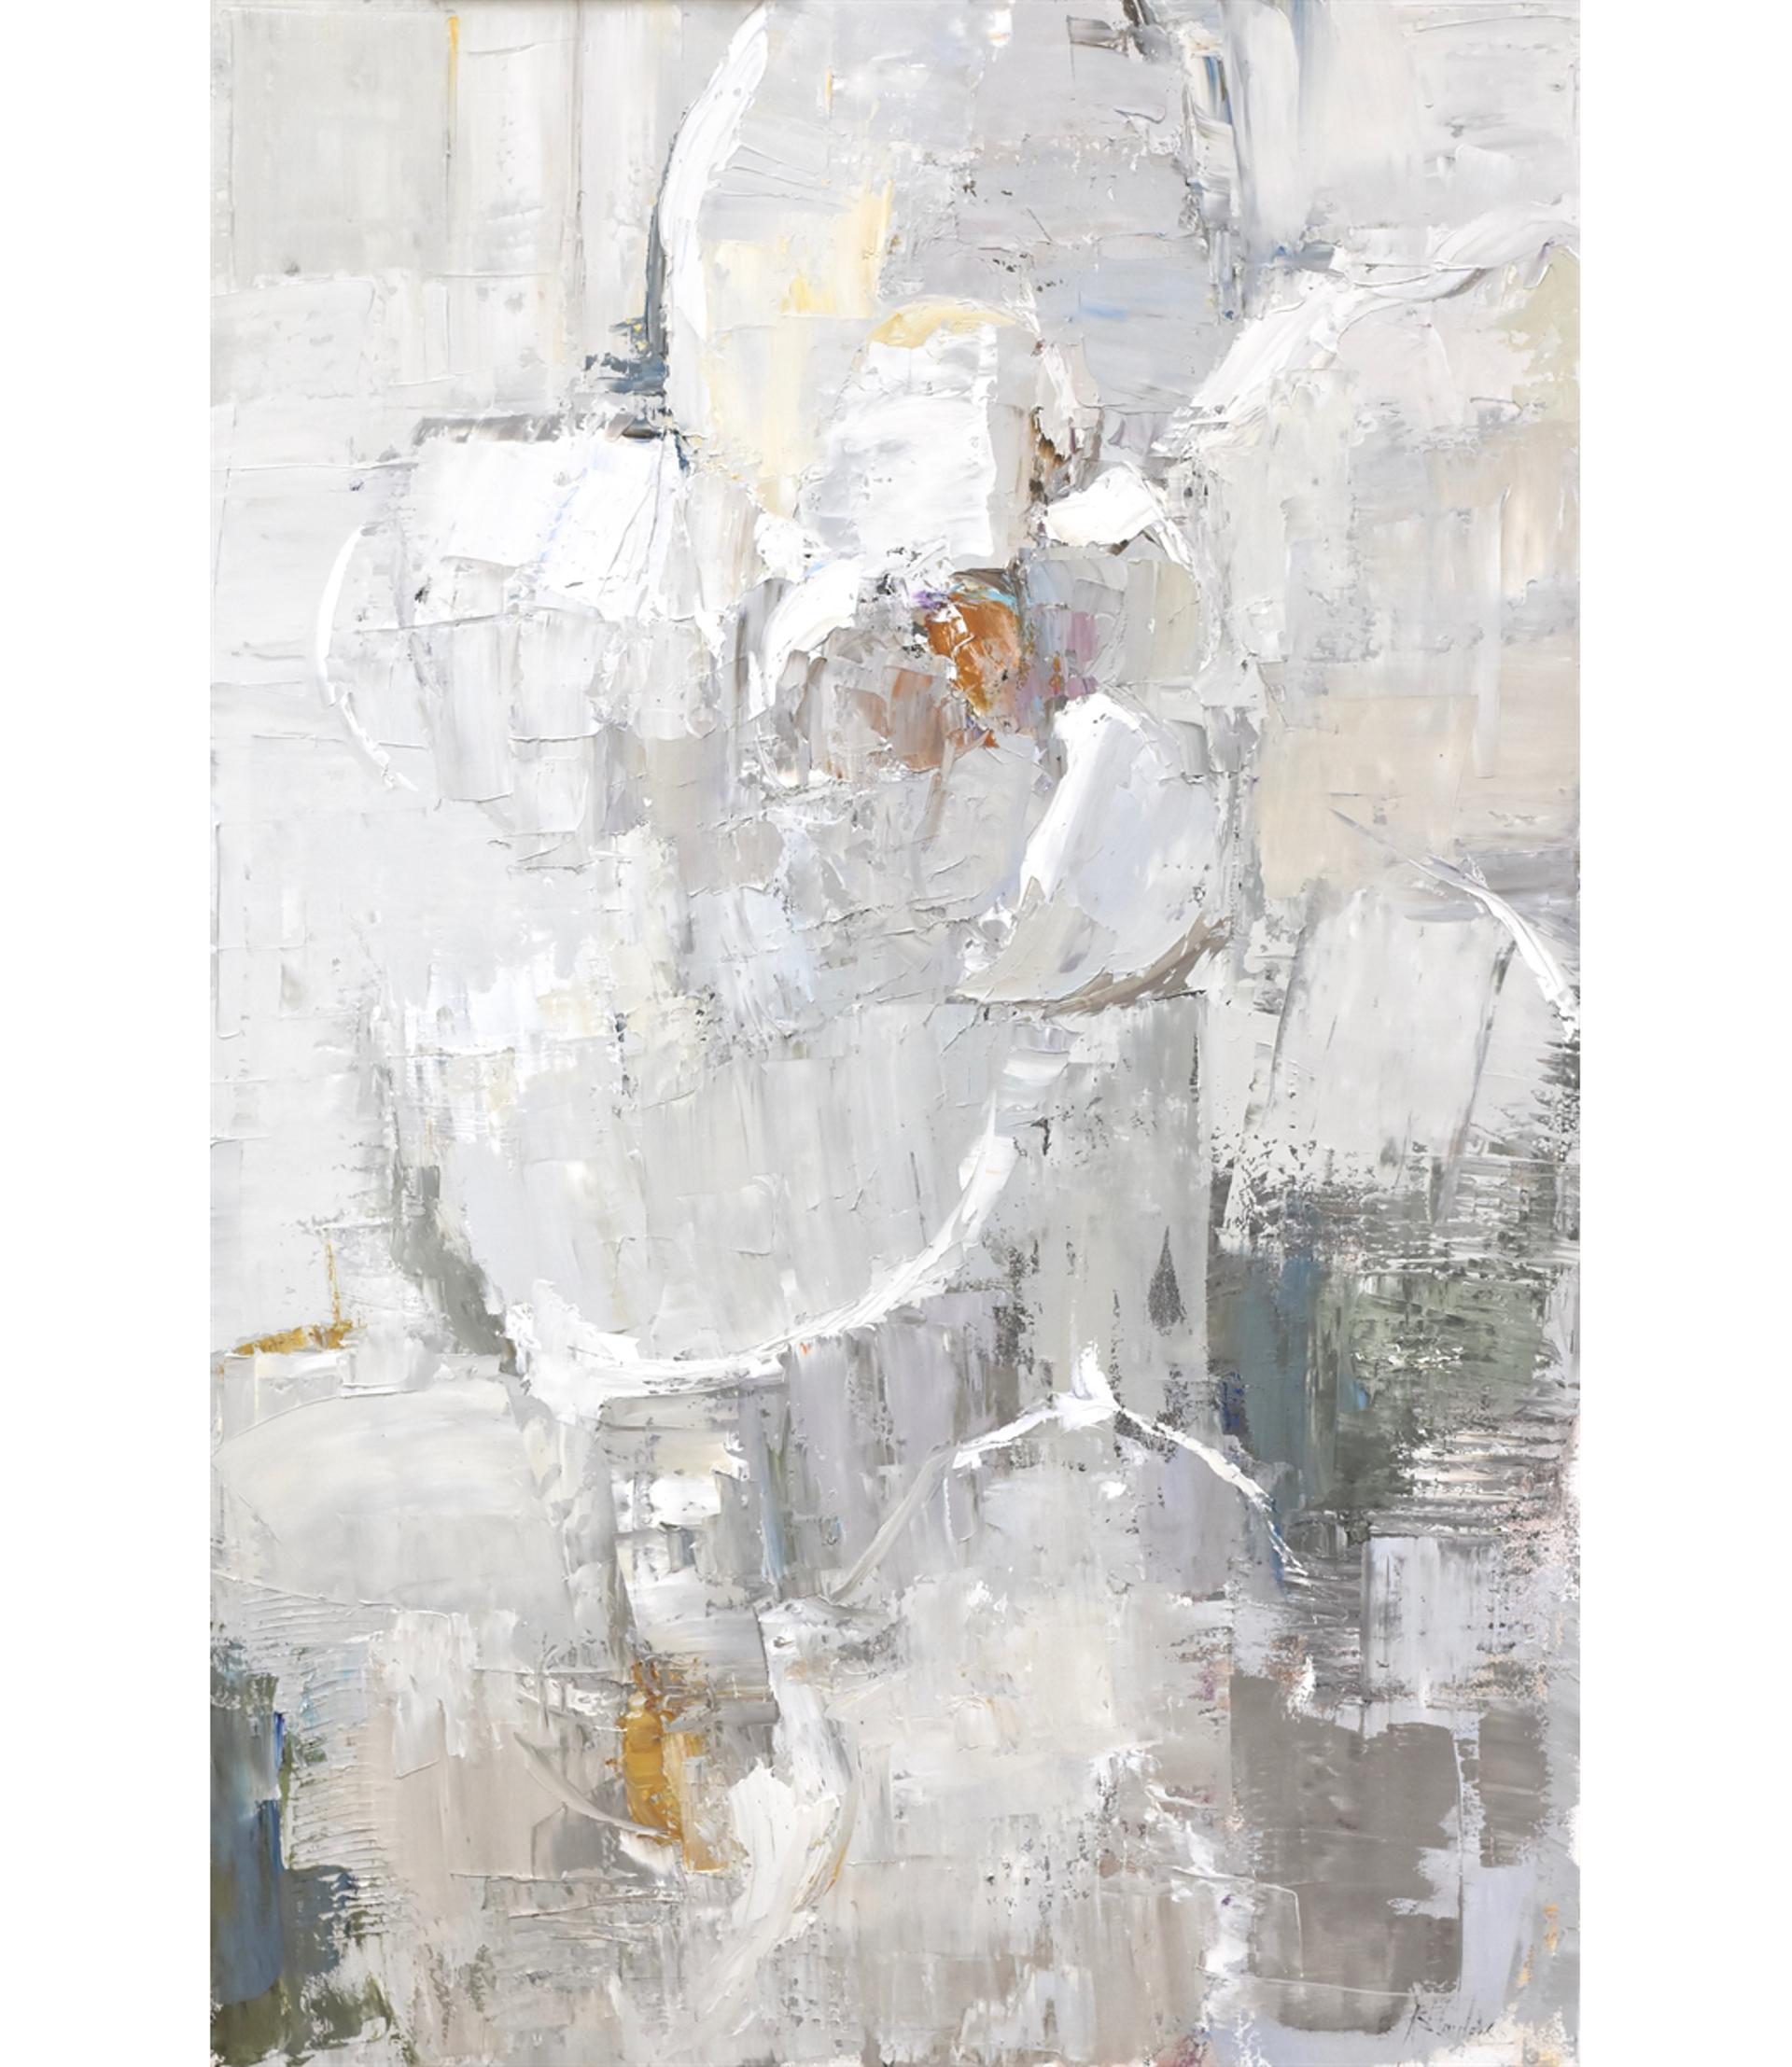 Magnolias by Barbara Flowers